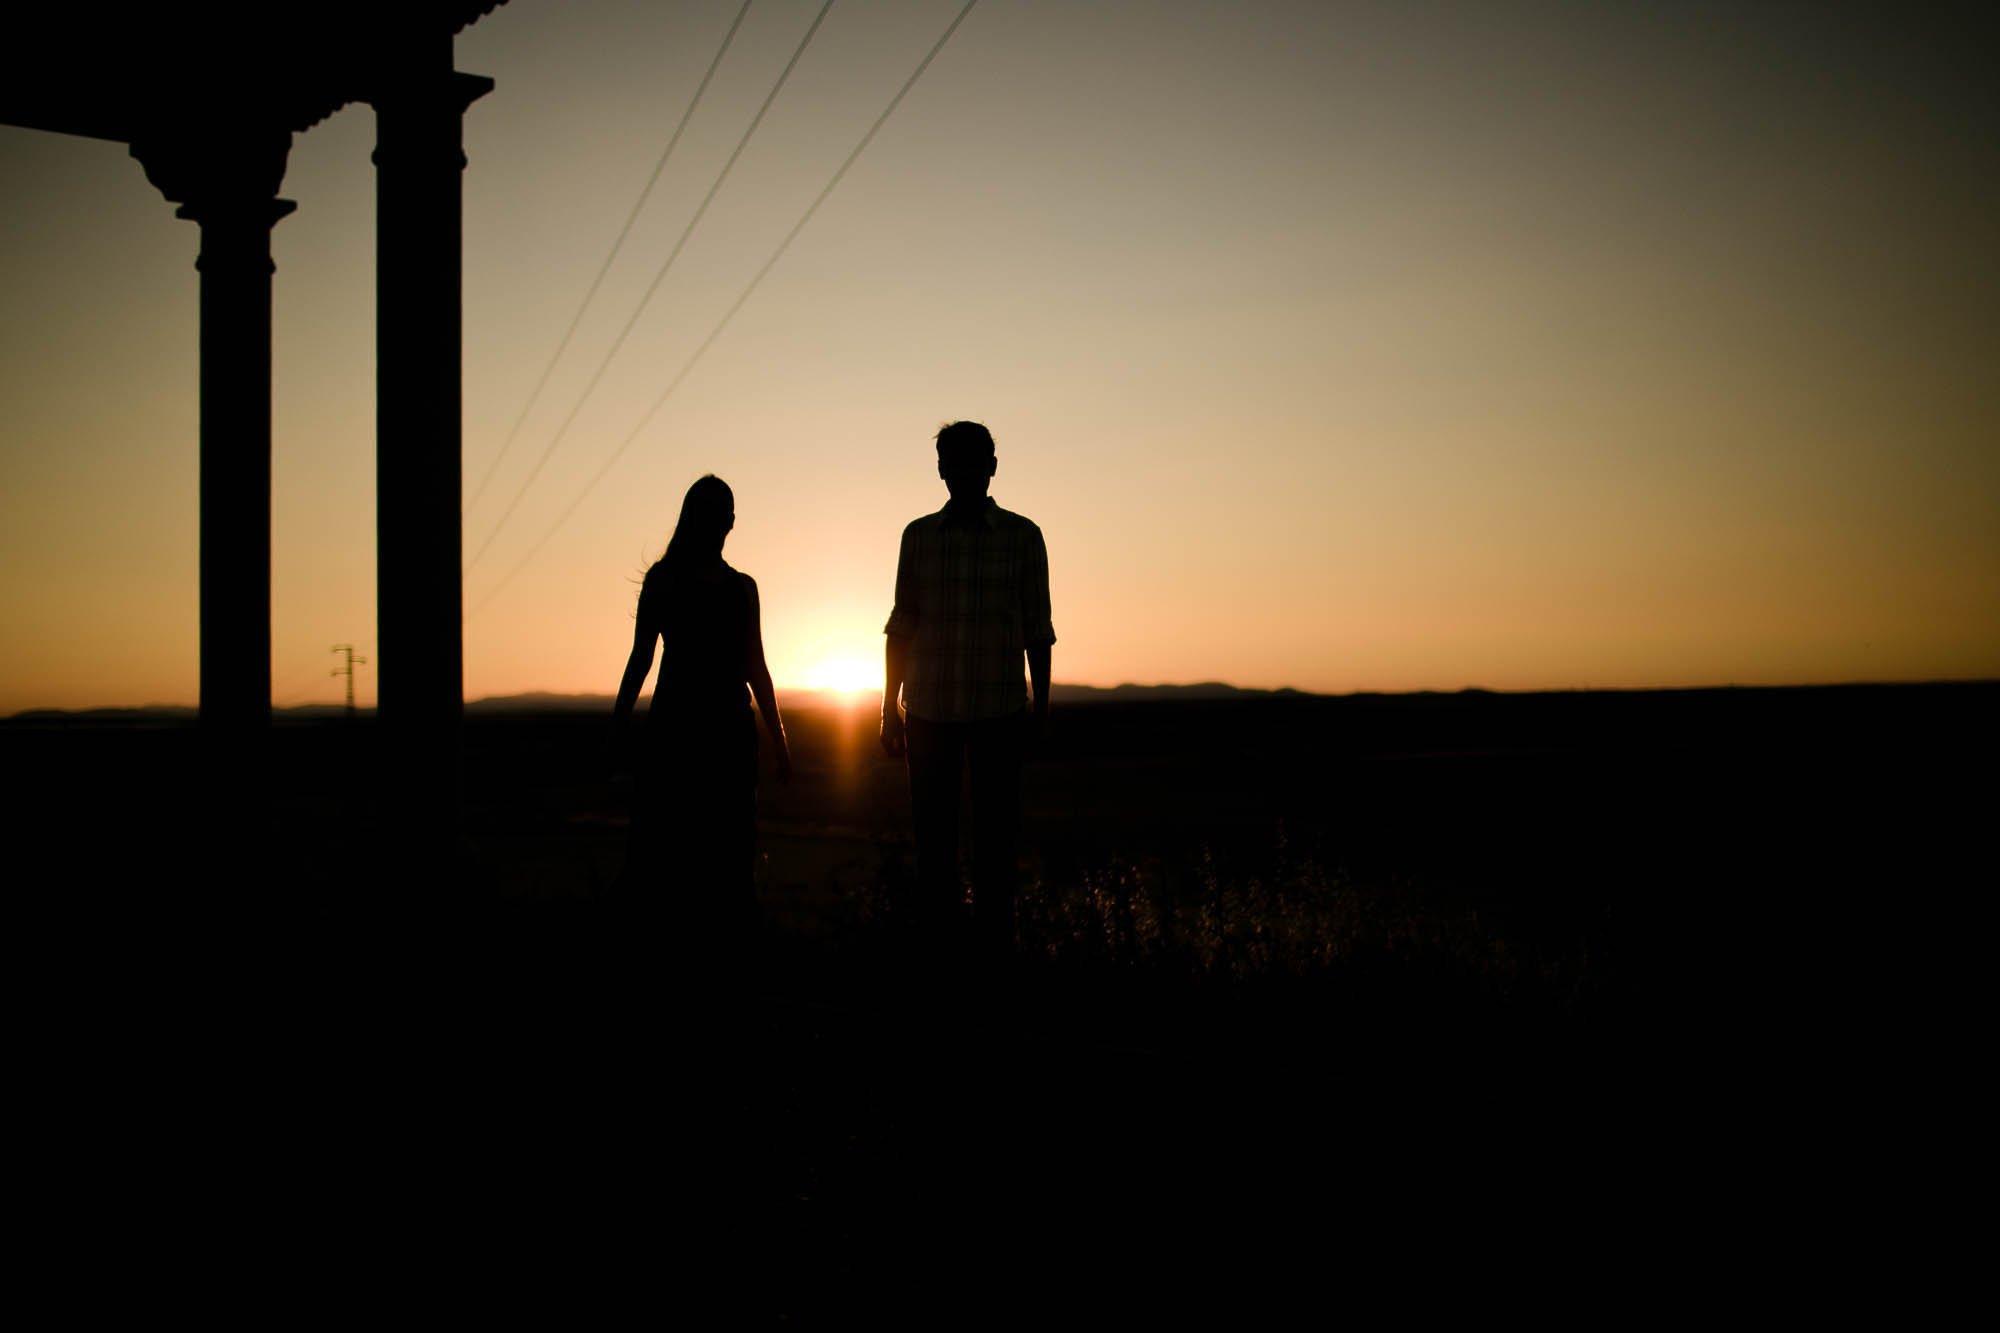 Una pareja pasea en el atardecer naranja